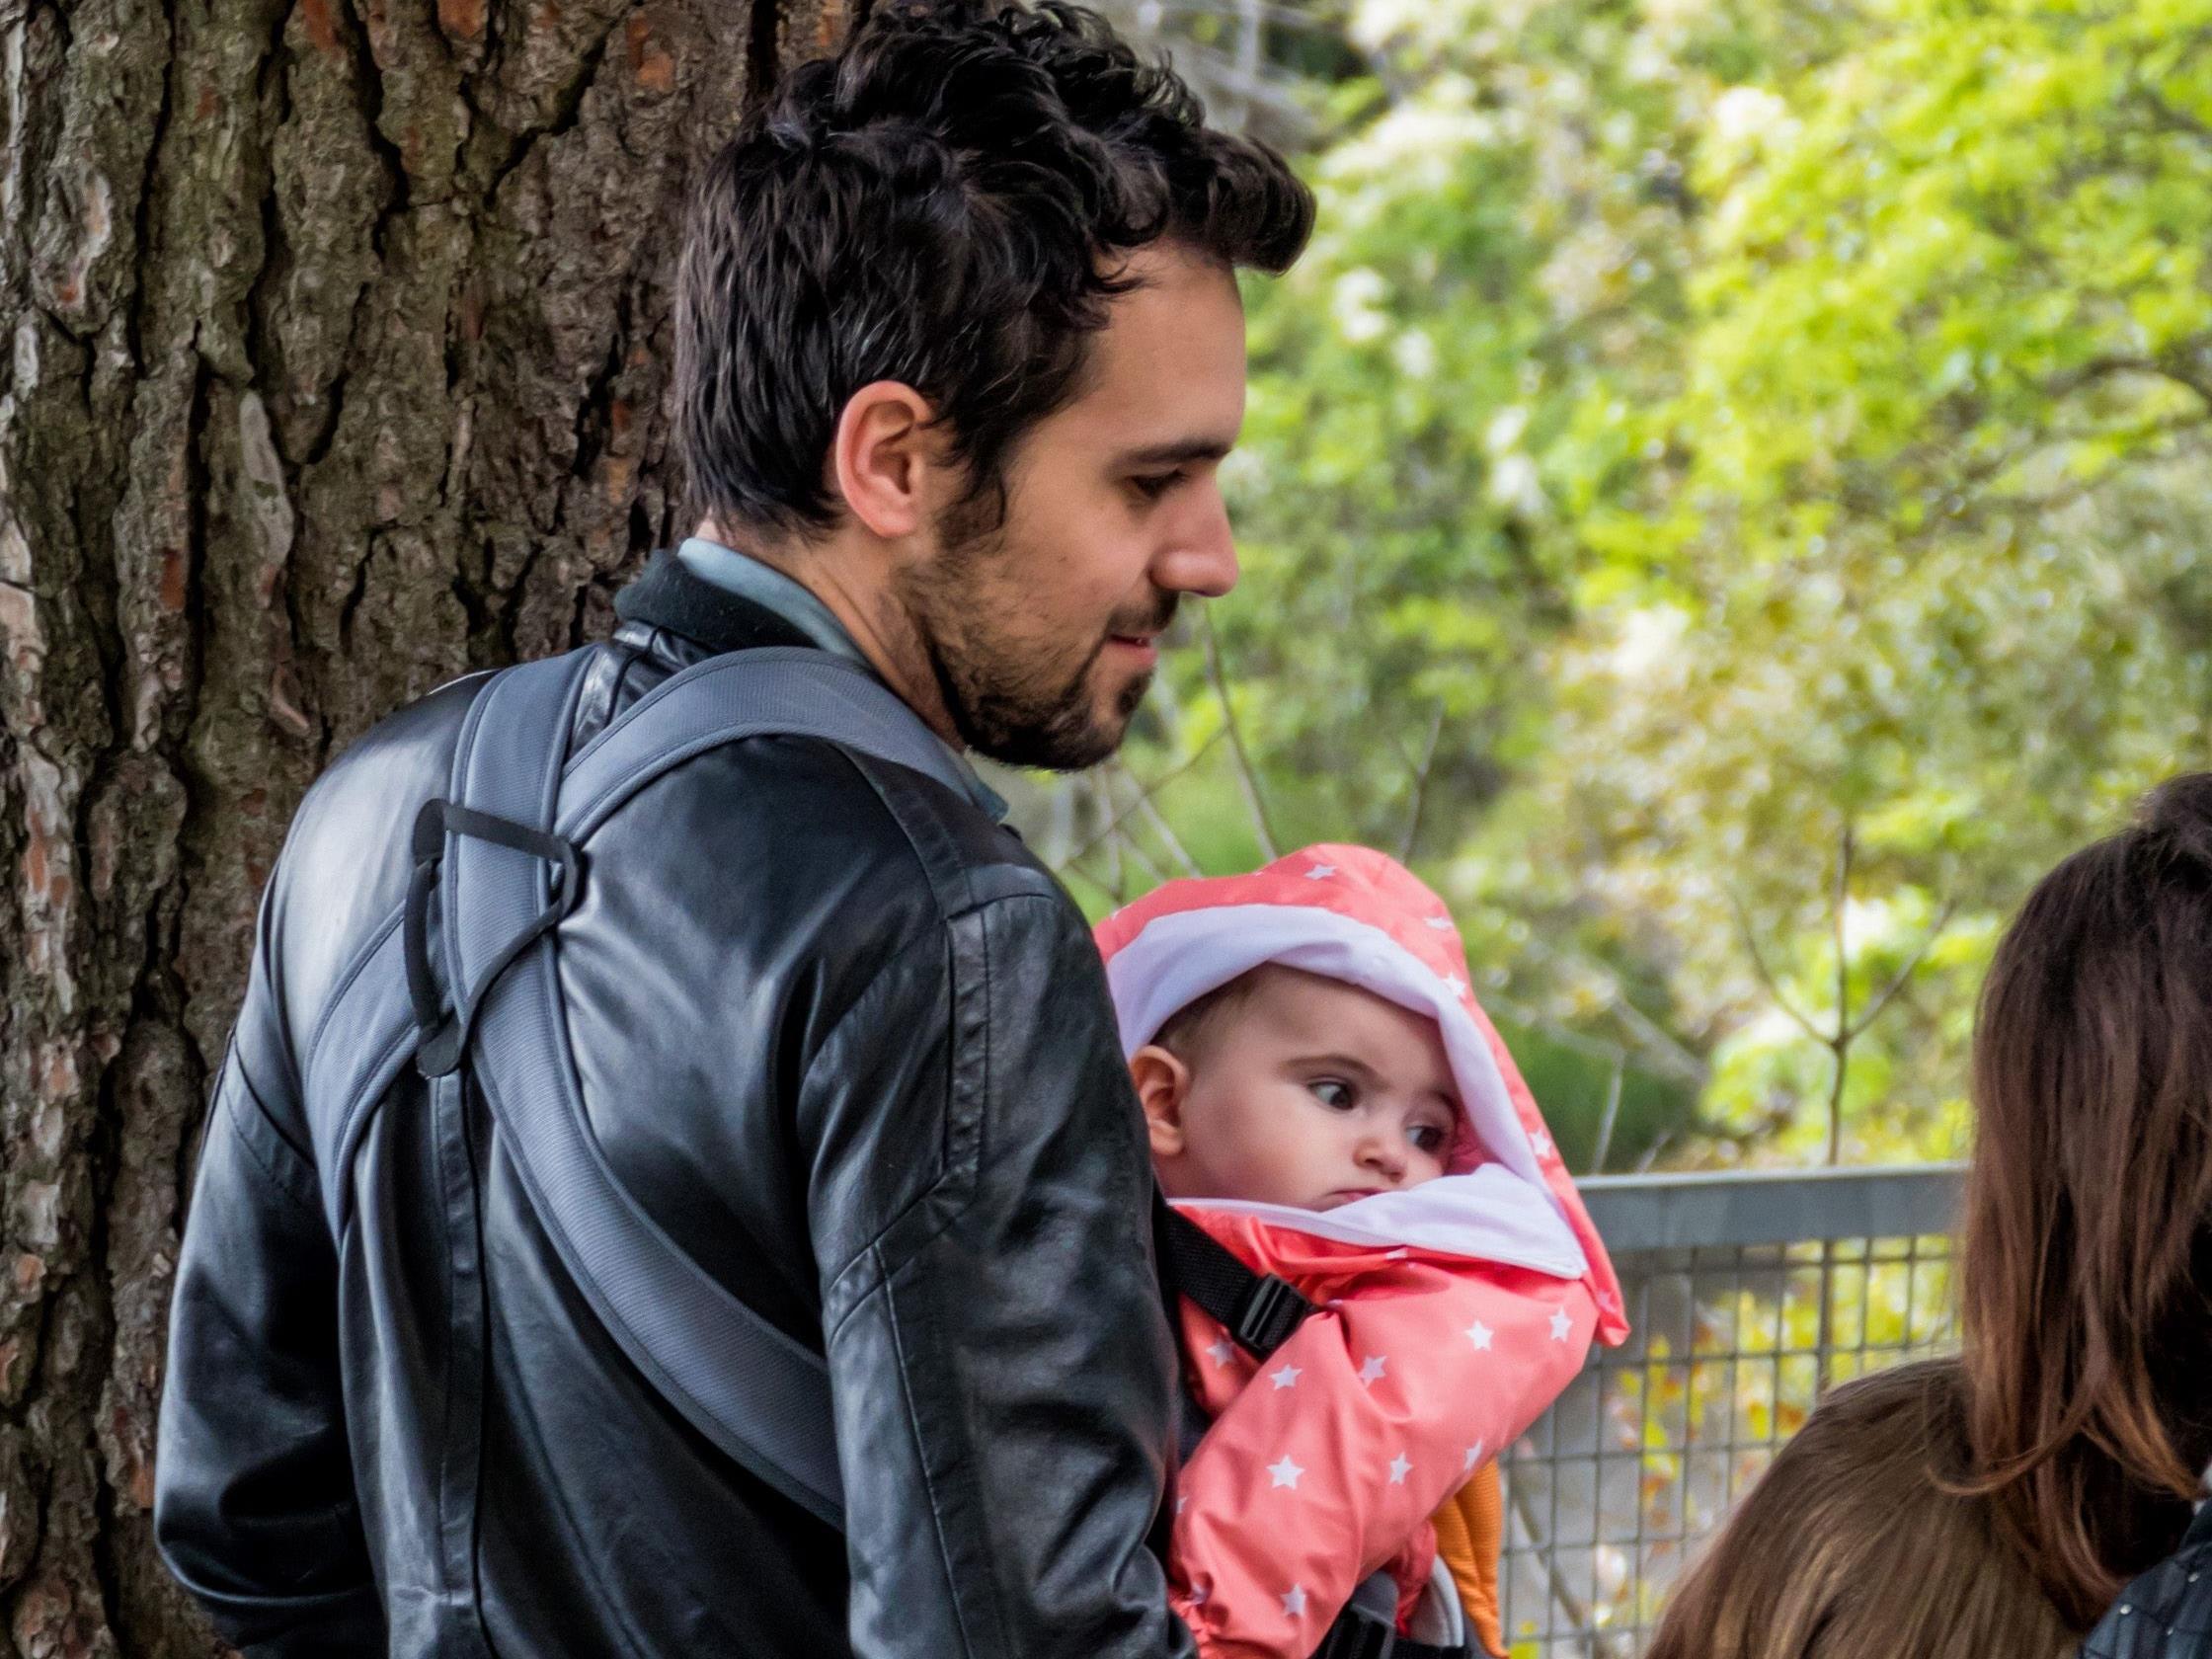 Immer mehr Väter wollen frei, um sich um ihre Kinder zu kümmern.